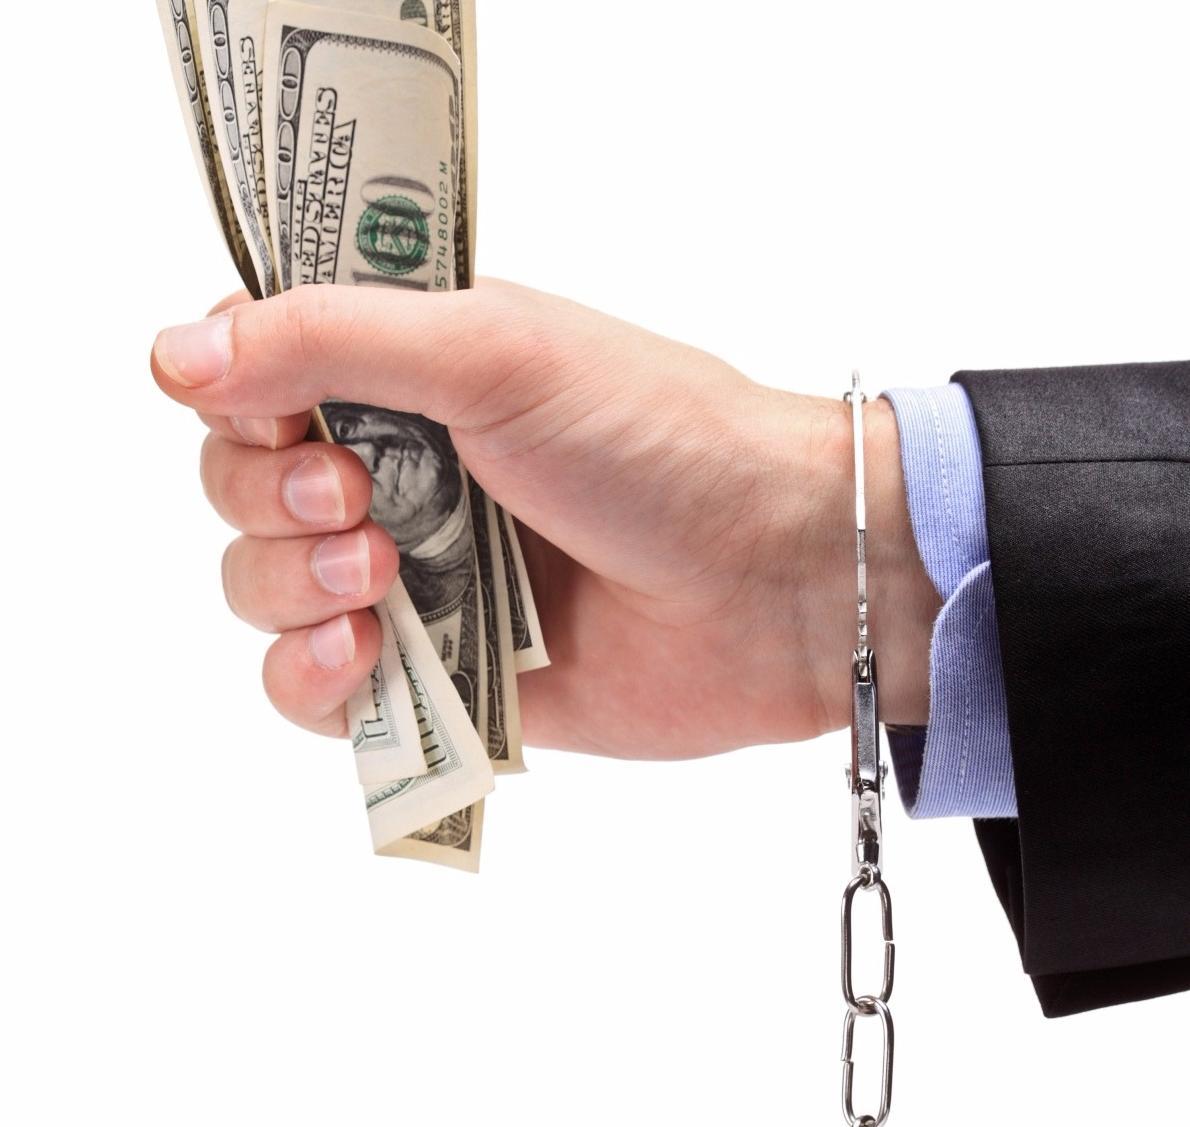 Сколько раз можно делать реструктуризацию кредита